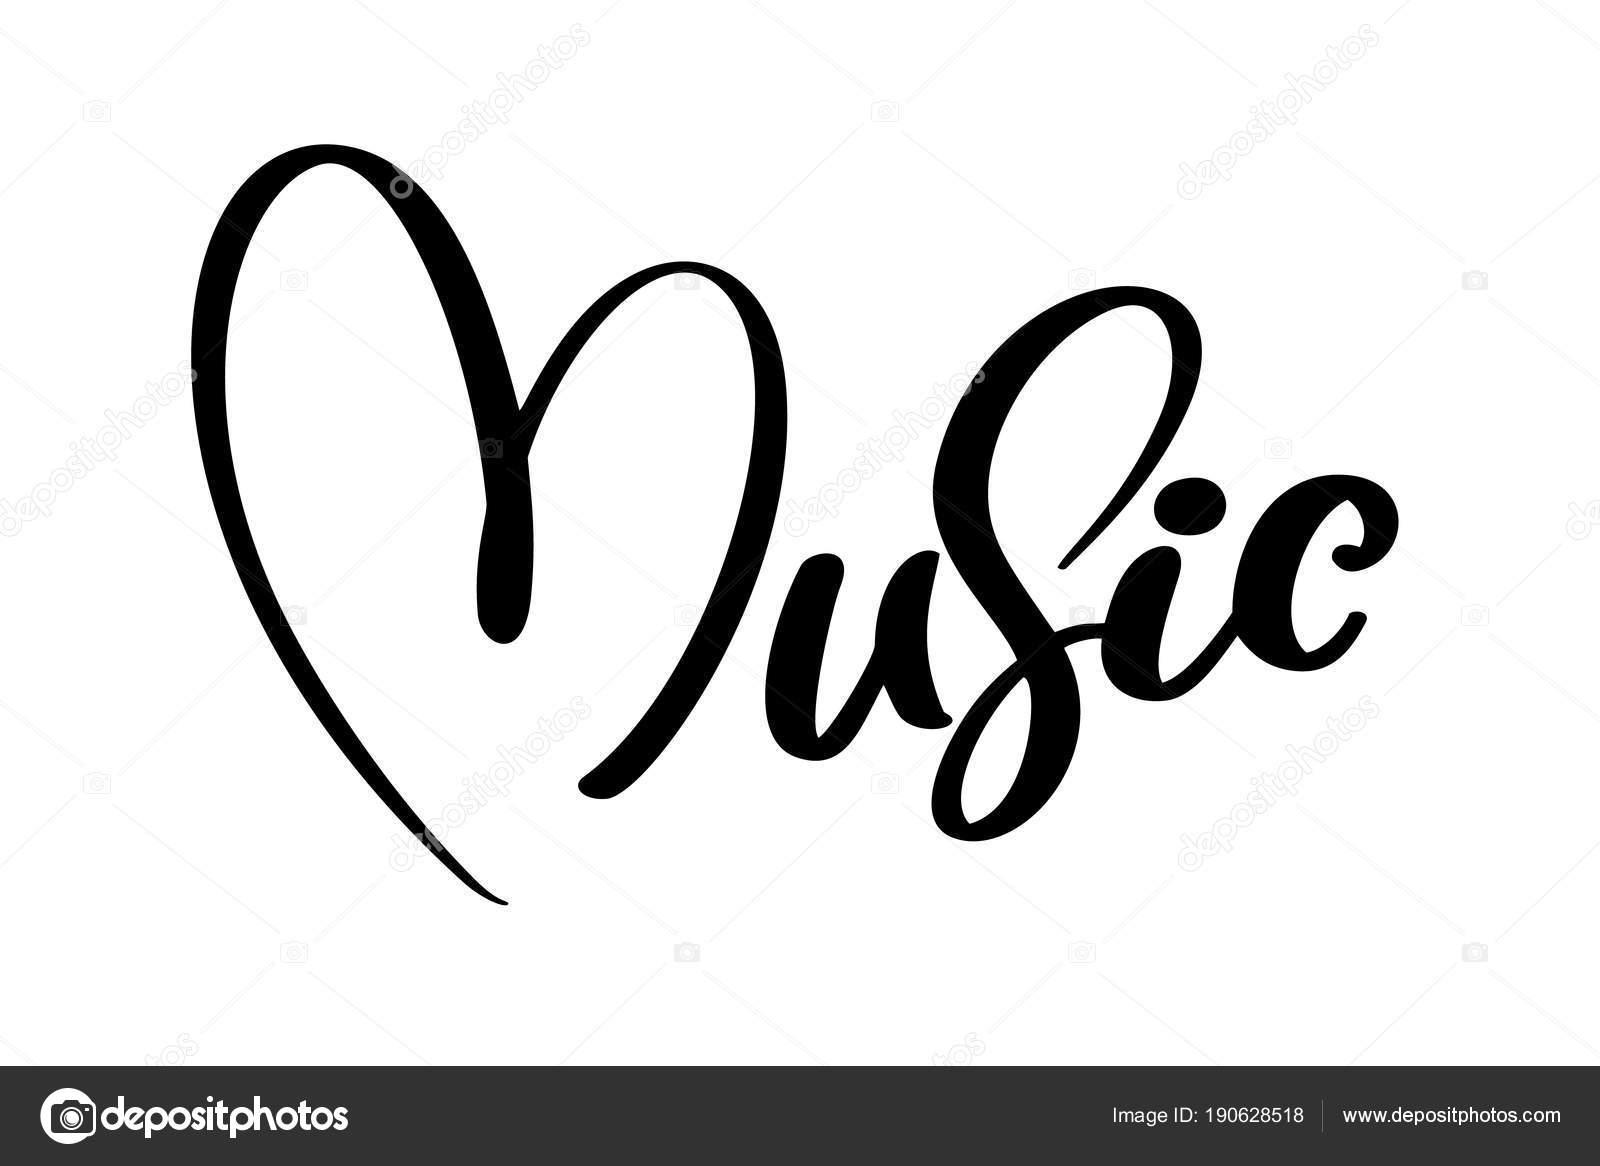 Fondo Signos De Musica Para Dibujar Corazón De Icono De